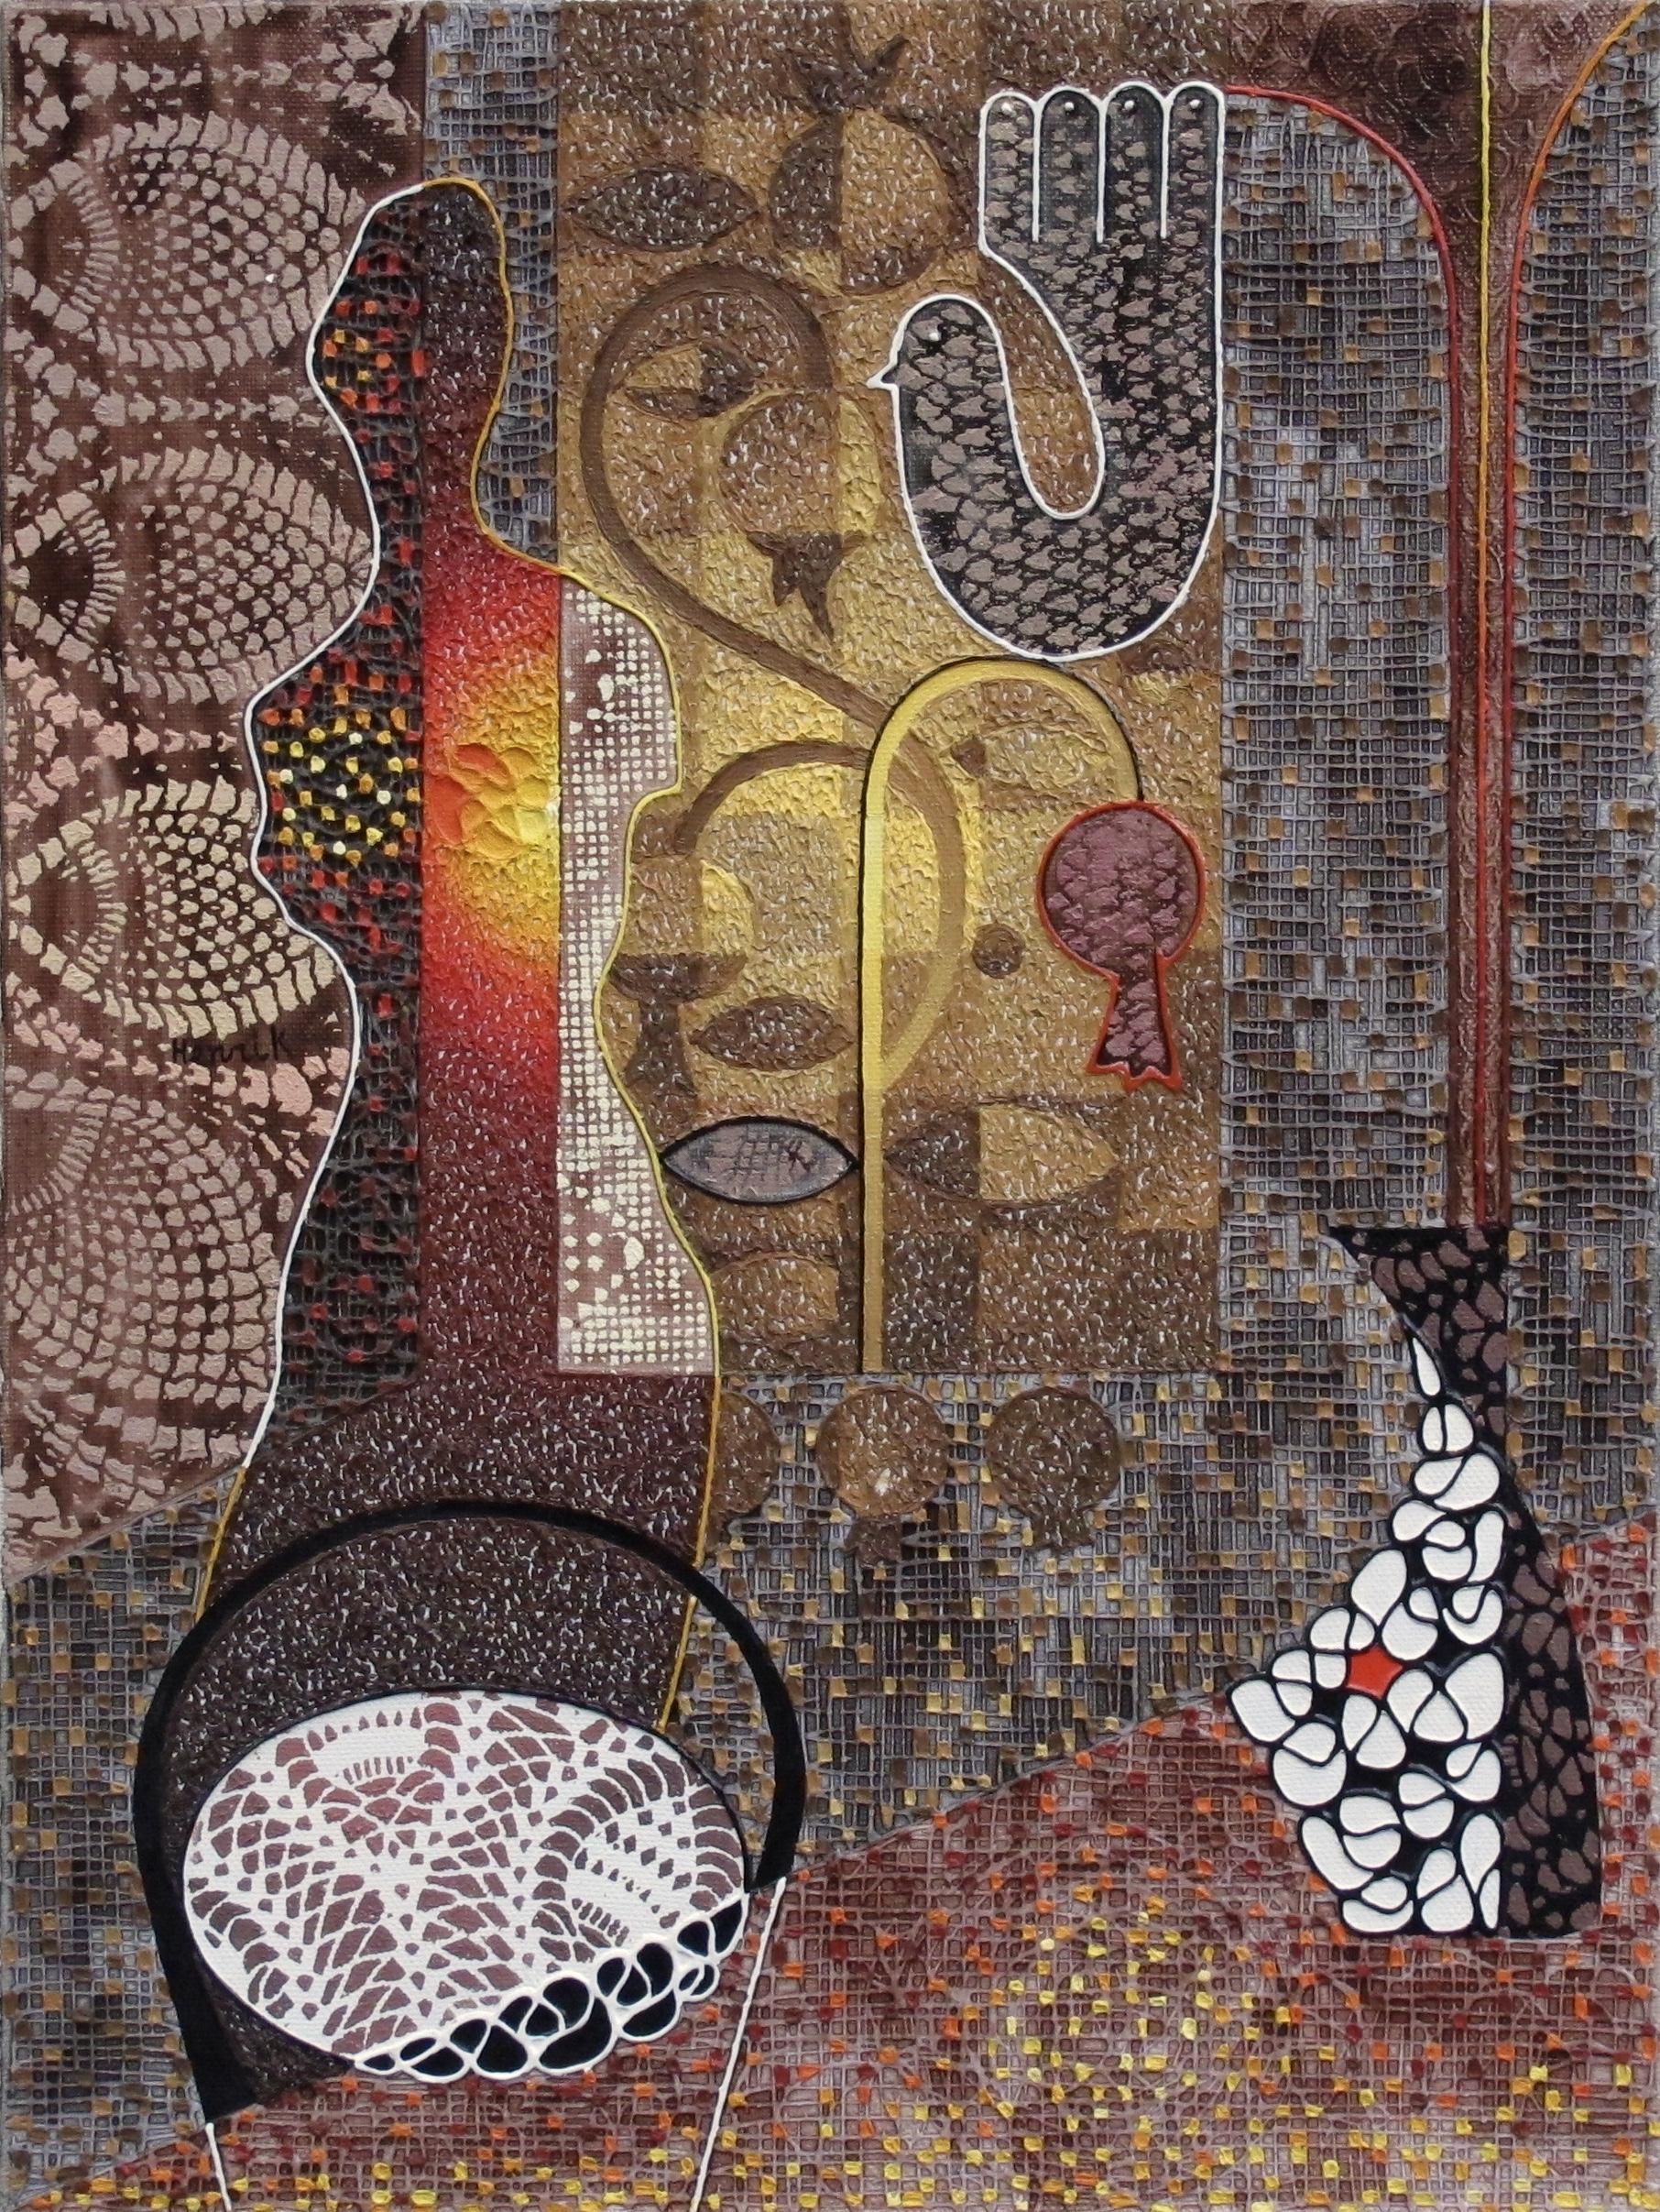 Хенрик Восканян 1961 2009 живопись Картины оригинал 19 век европейский интерьер